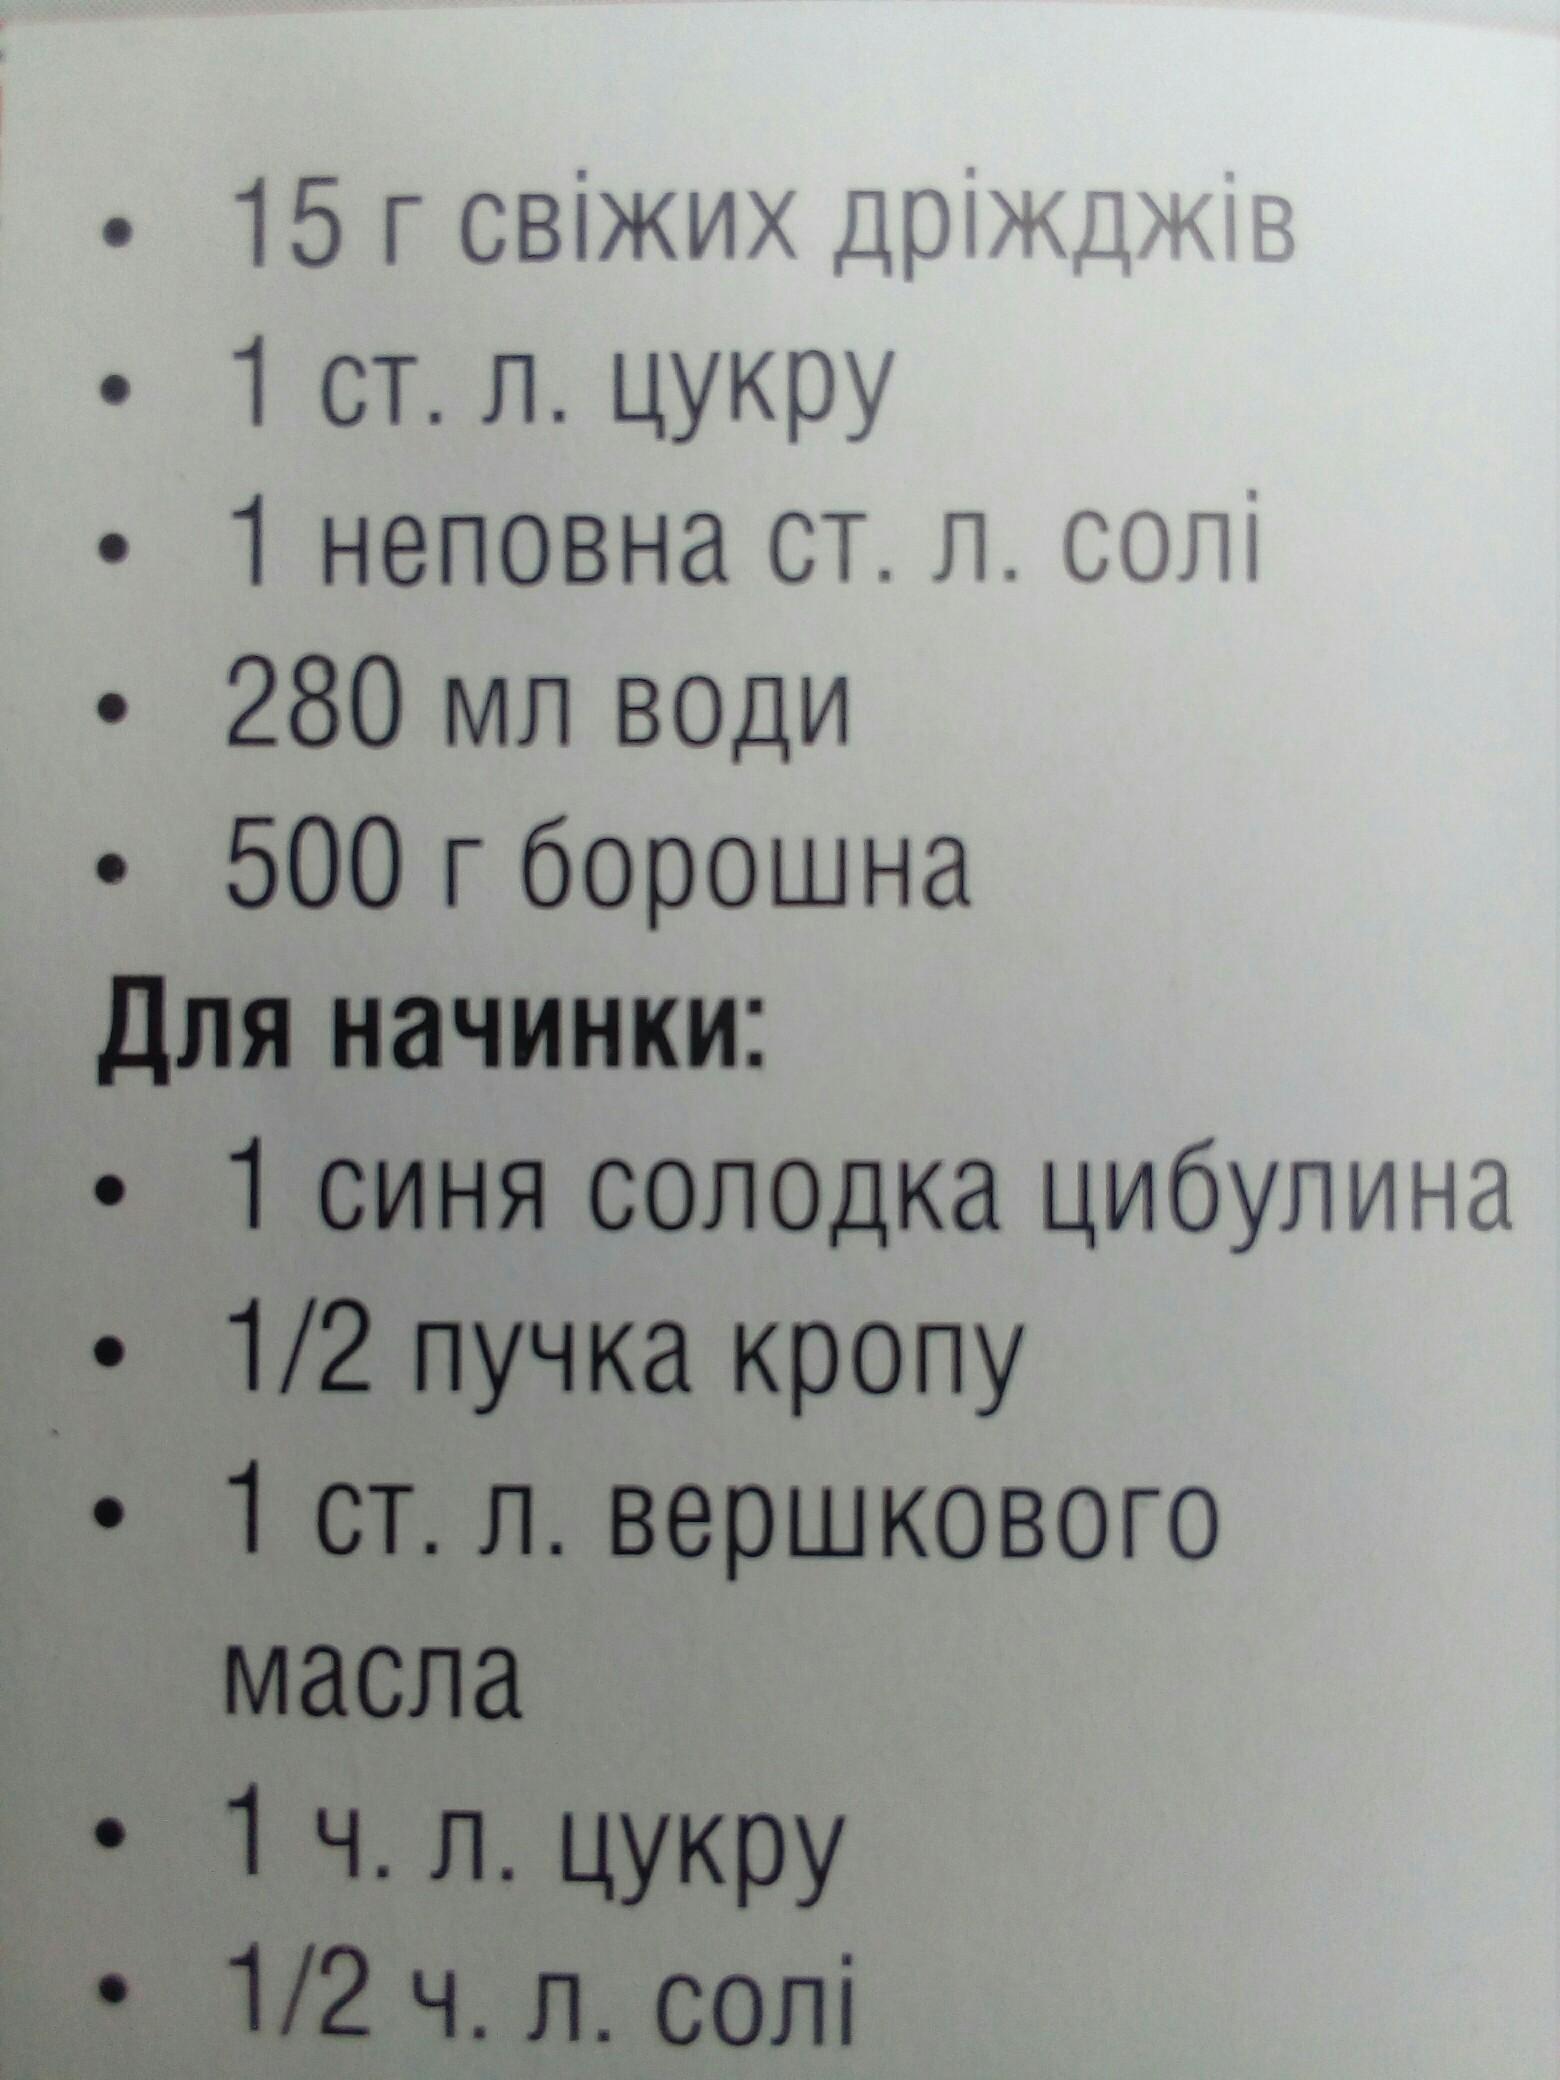 1531066818032.jpg